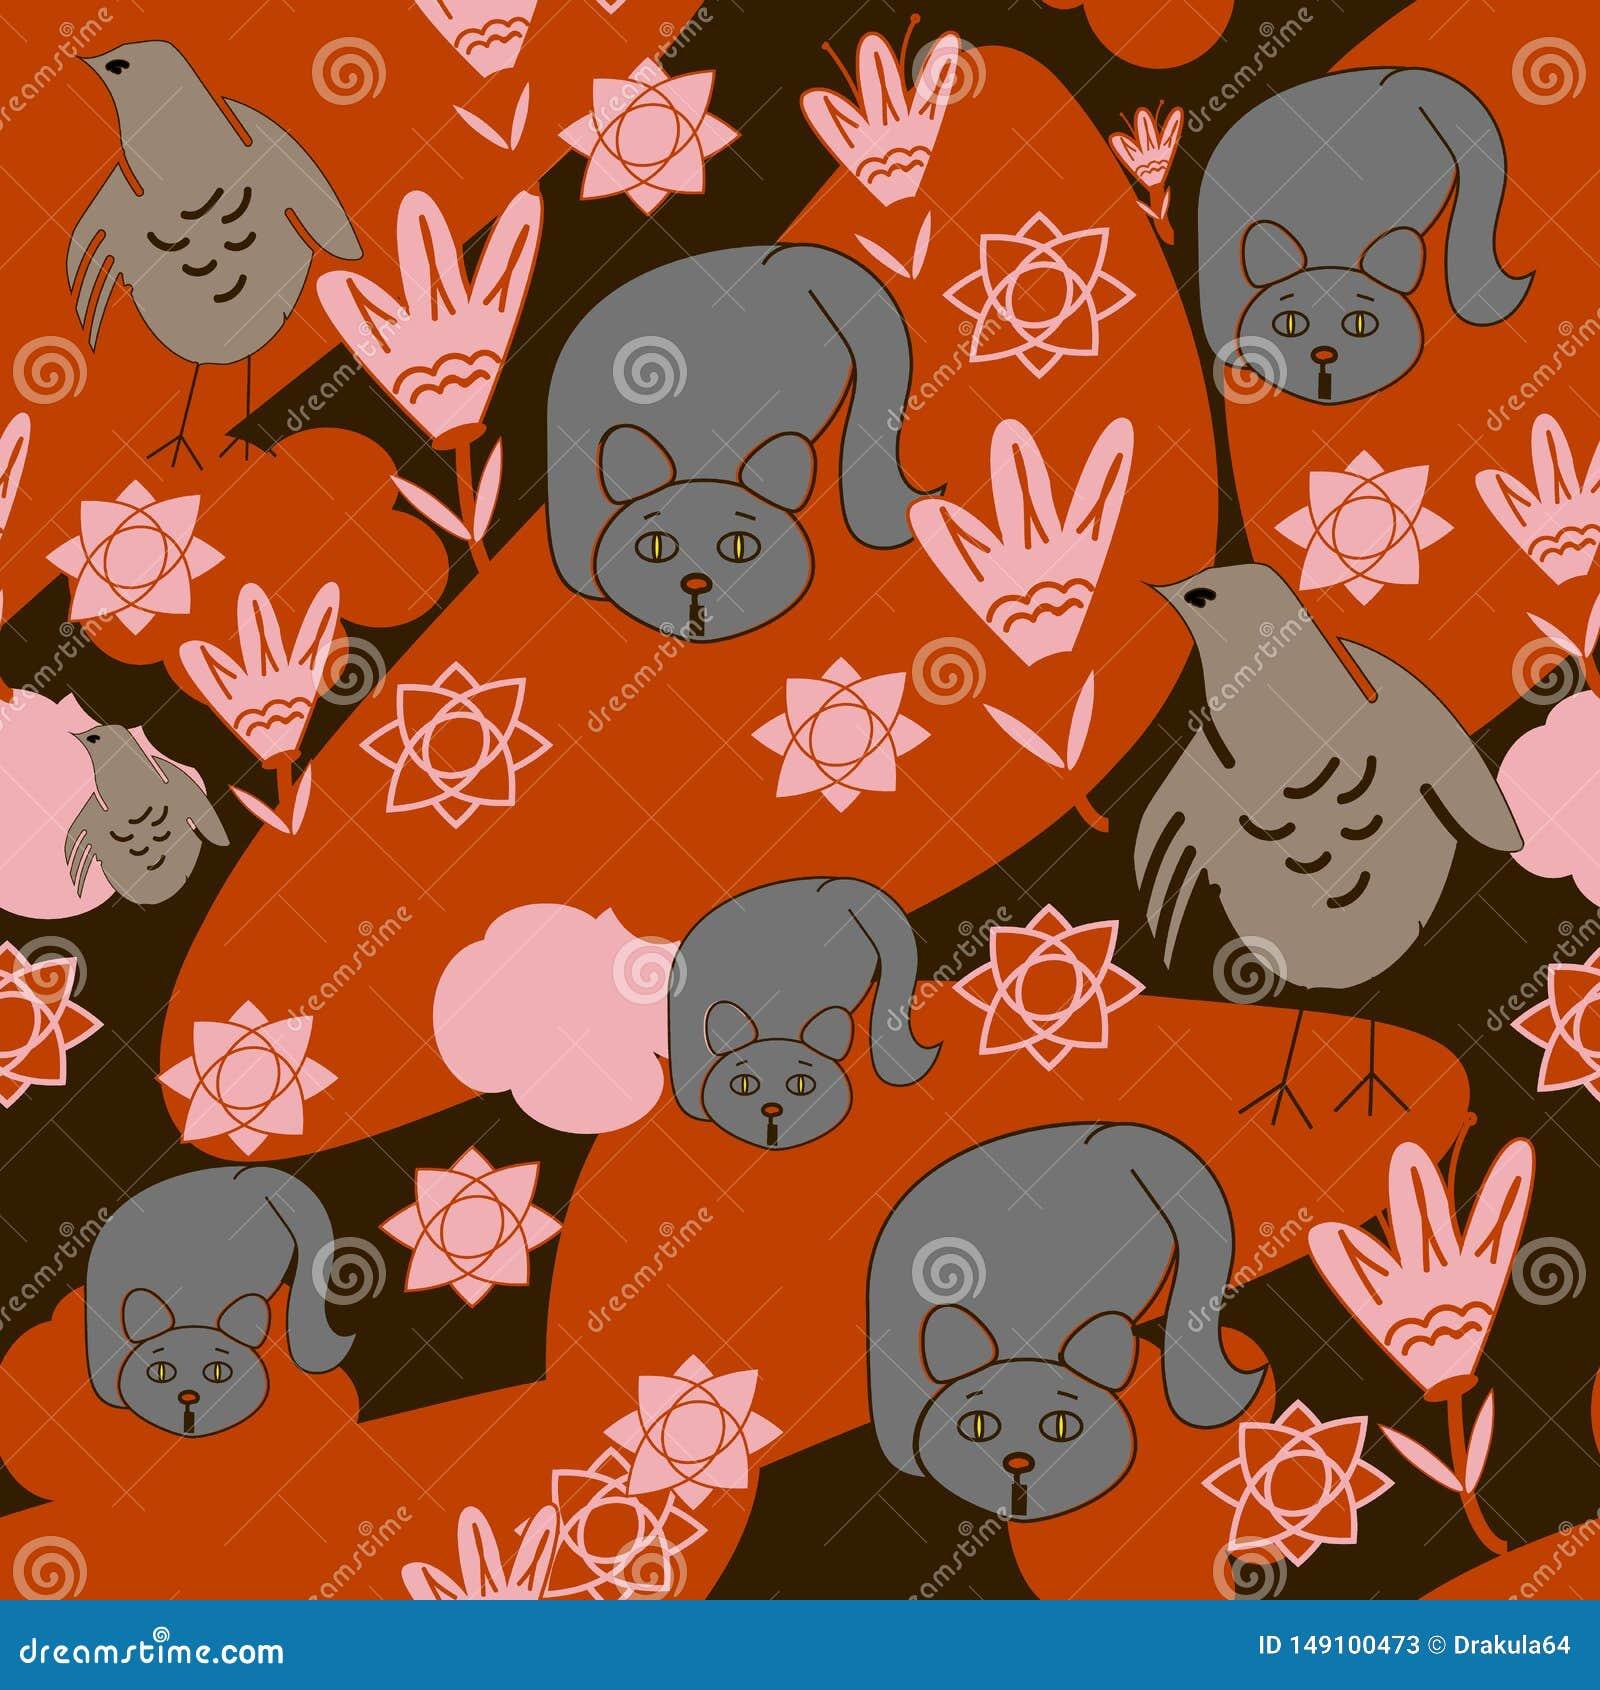 Nahtloser Hintergrund von Katzen, Huhn, Blumen, orange Wolken